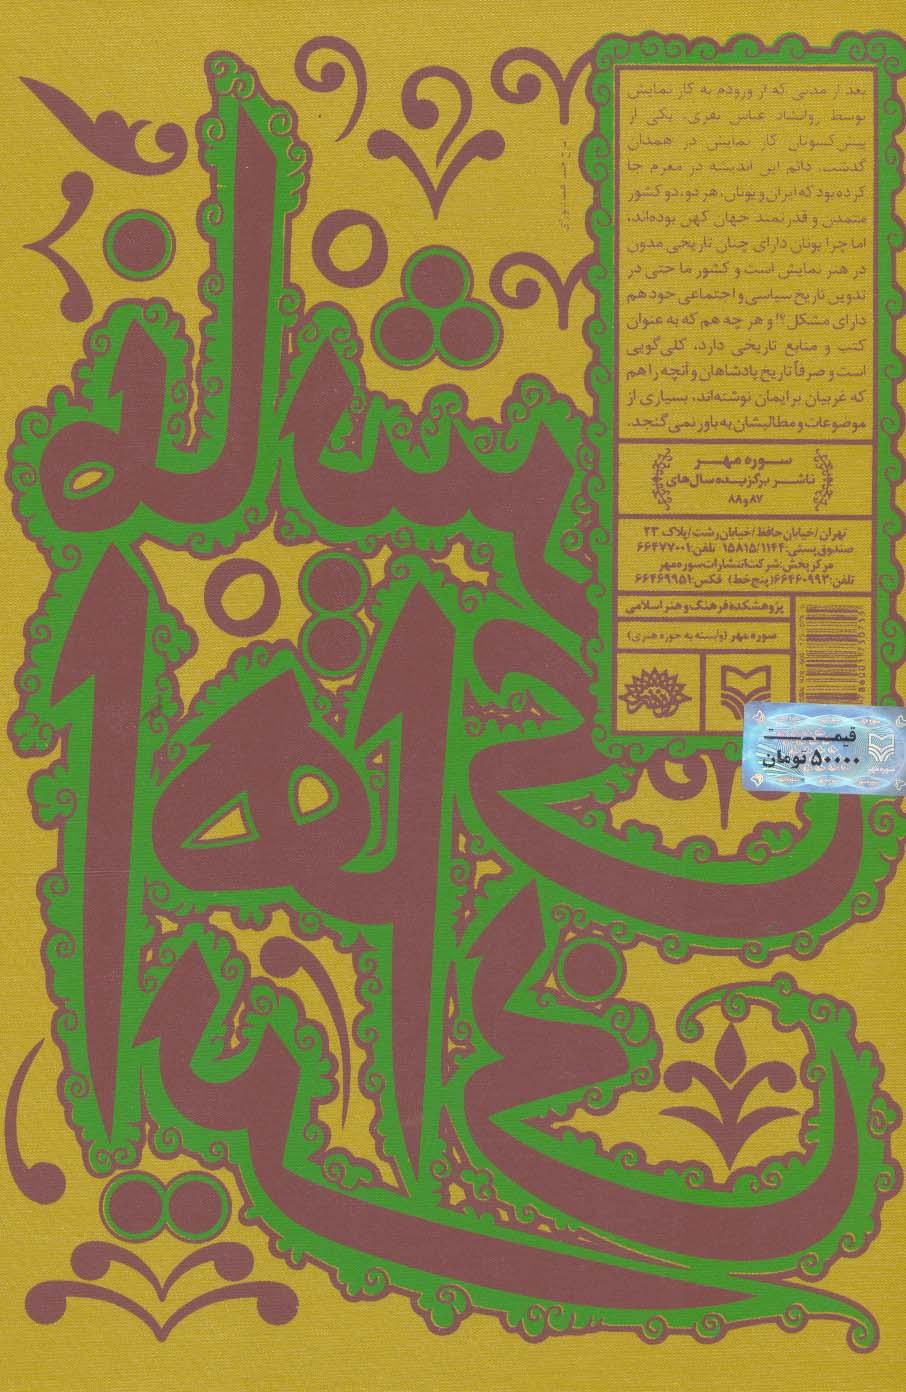 نمایش های ایرانی 5 (دیگر نمایش های ایرانی قبل و بعد از اسلام)